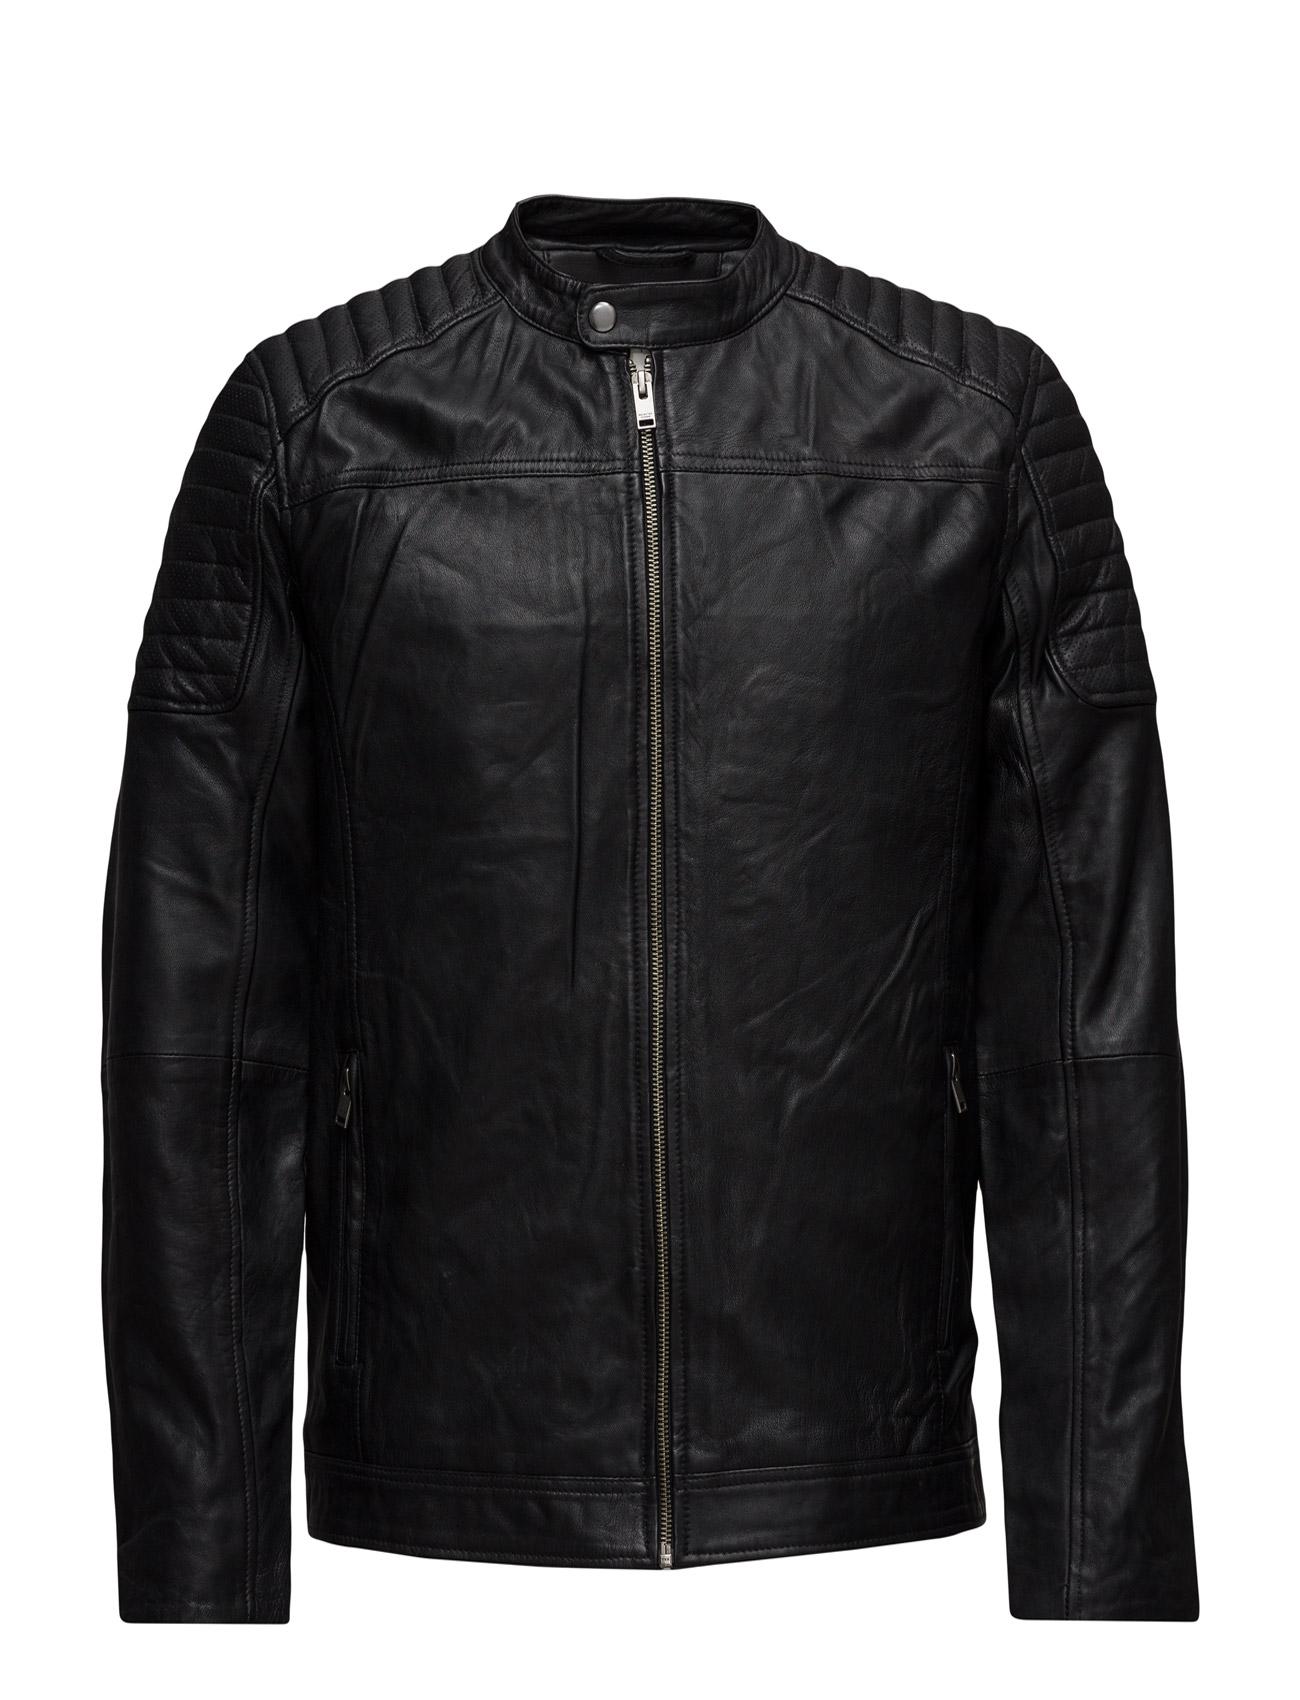 Shnlondon Leather Jacket Selected Homme Jakker til Mænd i Sort